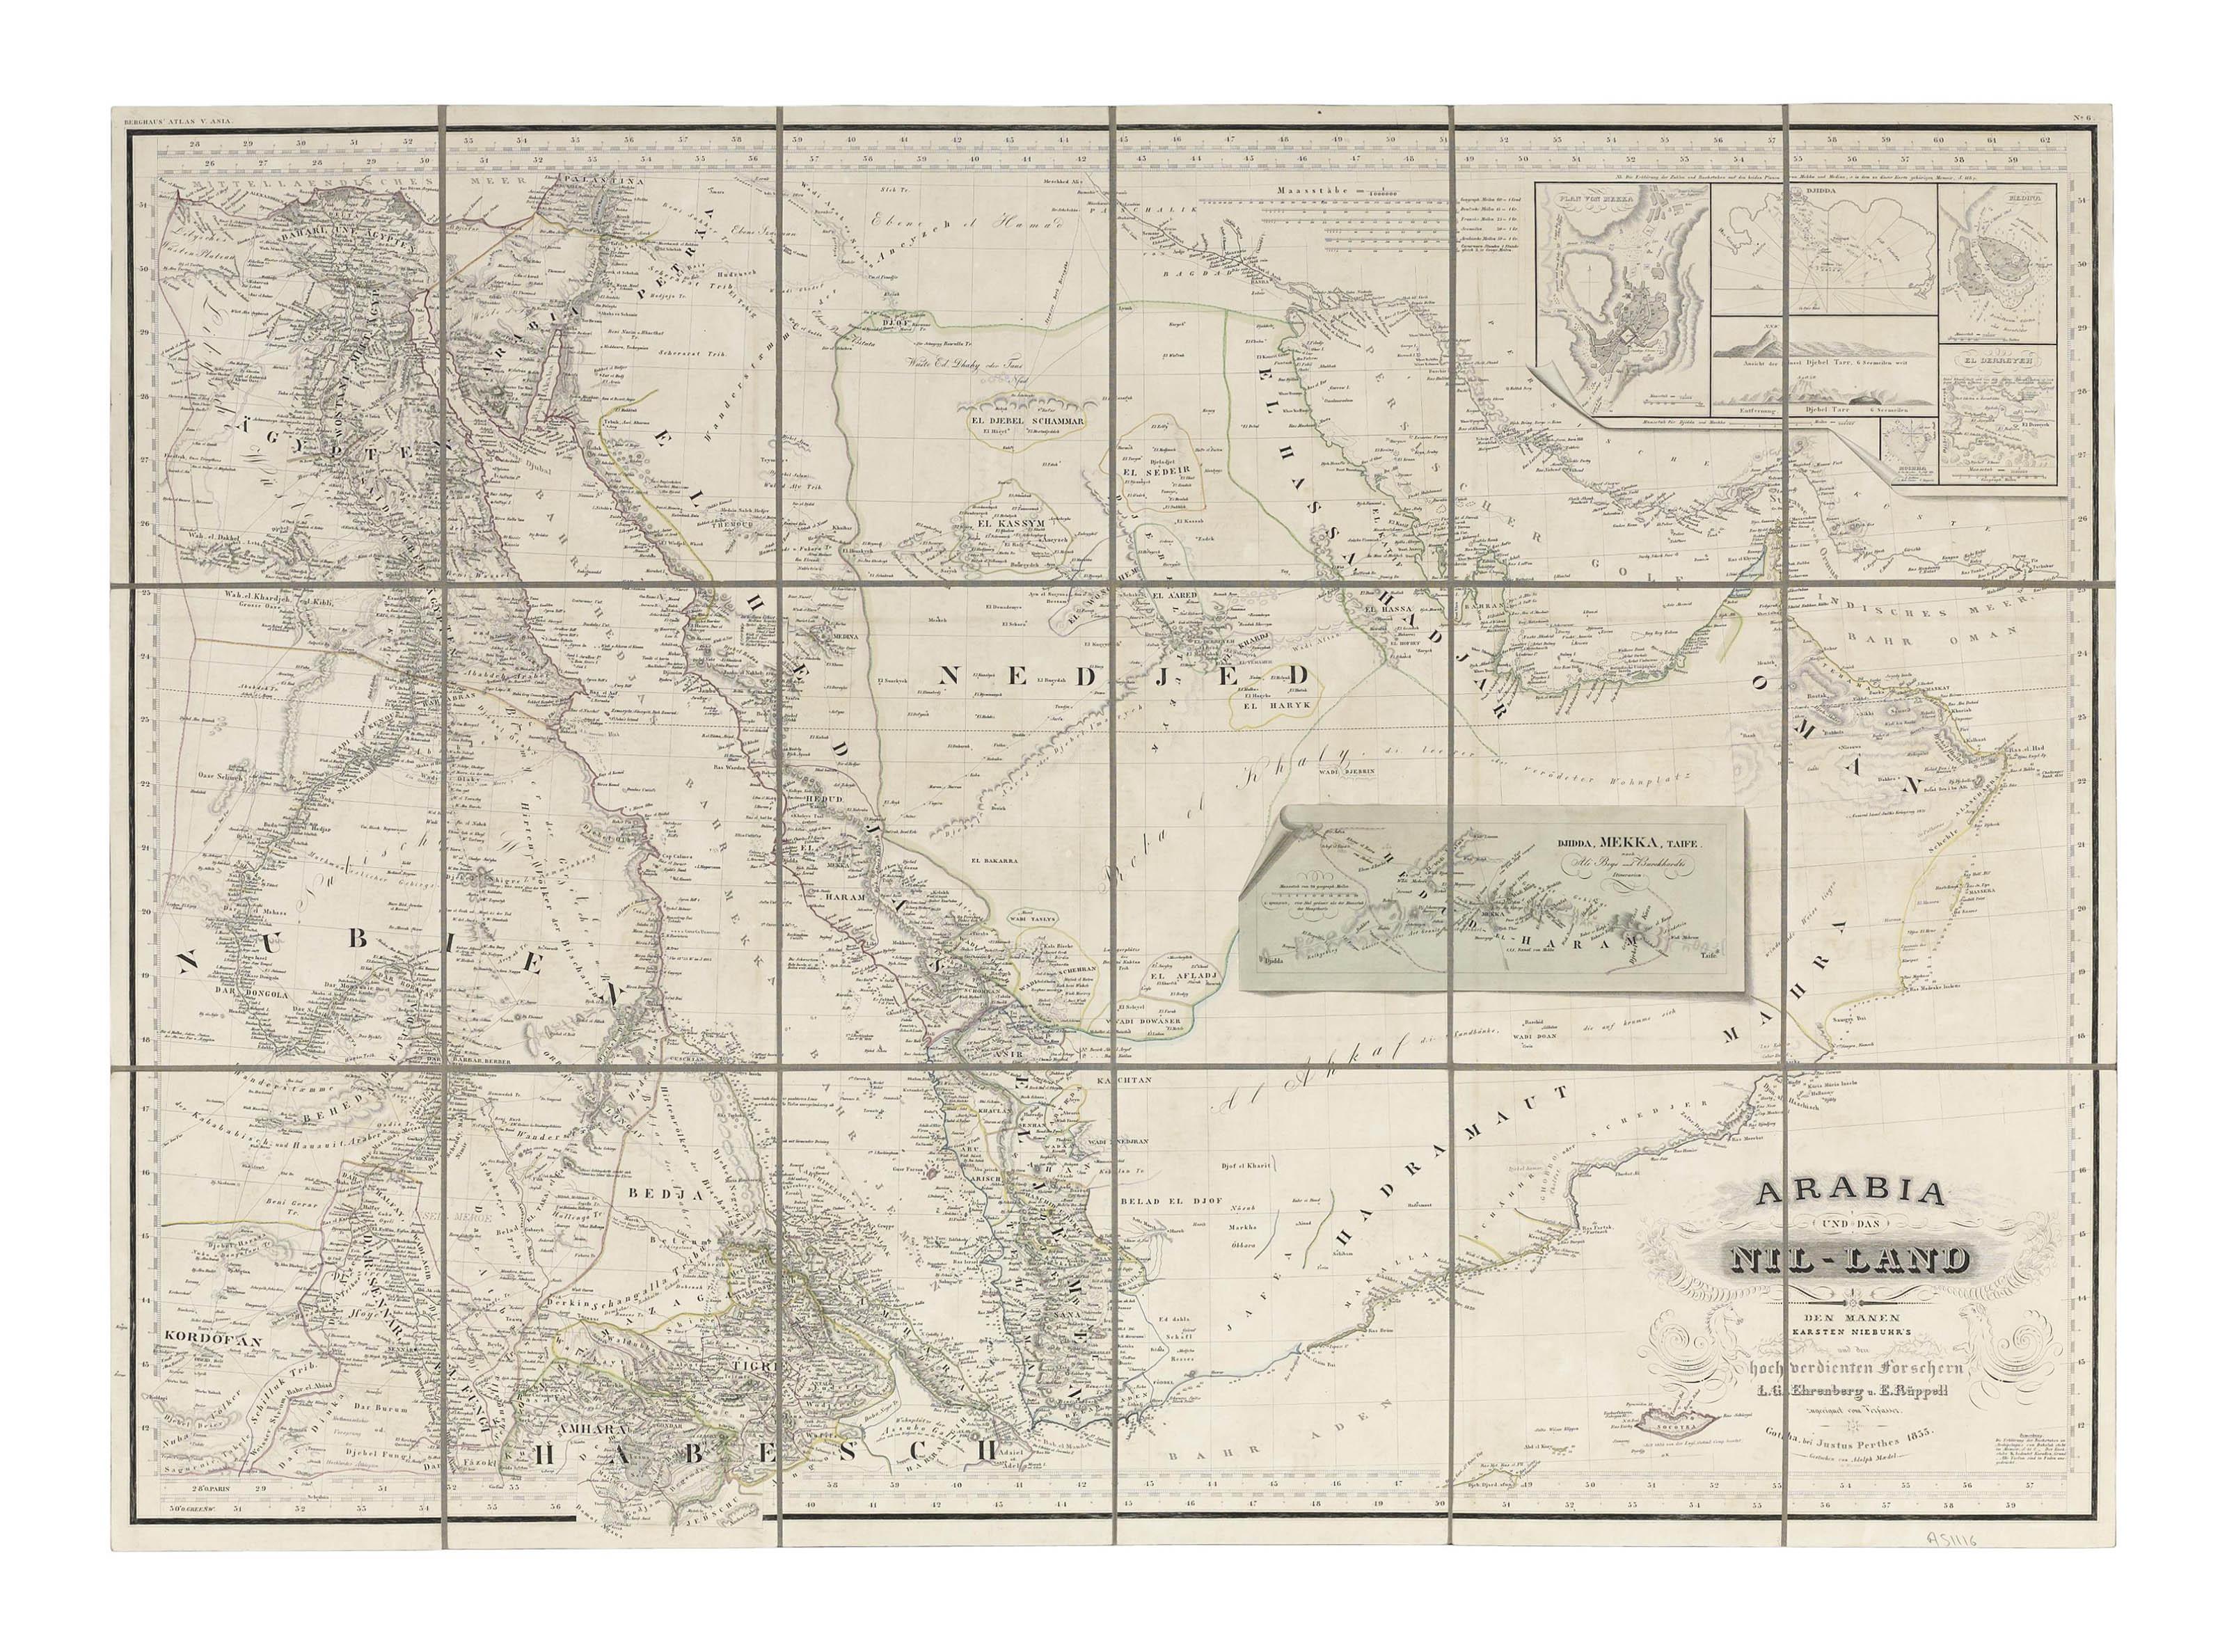 EHRENBERG, L.G. and RÜPPELL, Eduard (1794-1884). Arabia und das Nil-Land. Gotha: Justus Perthes, 1835.